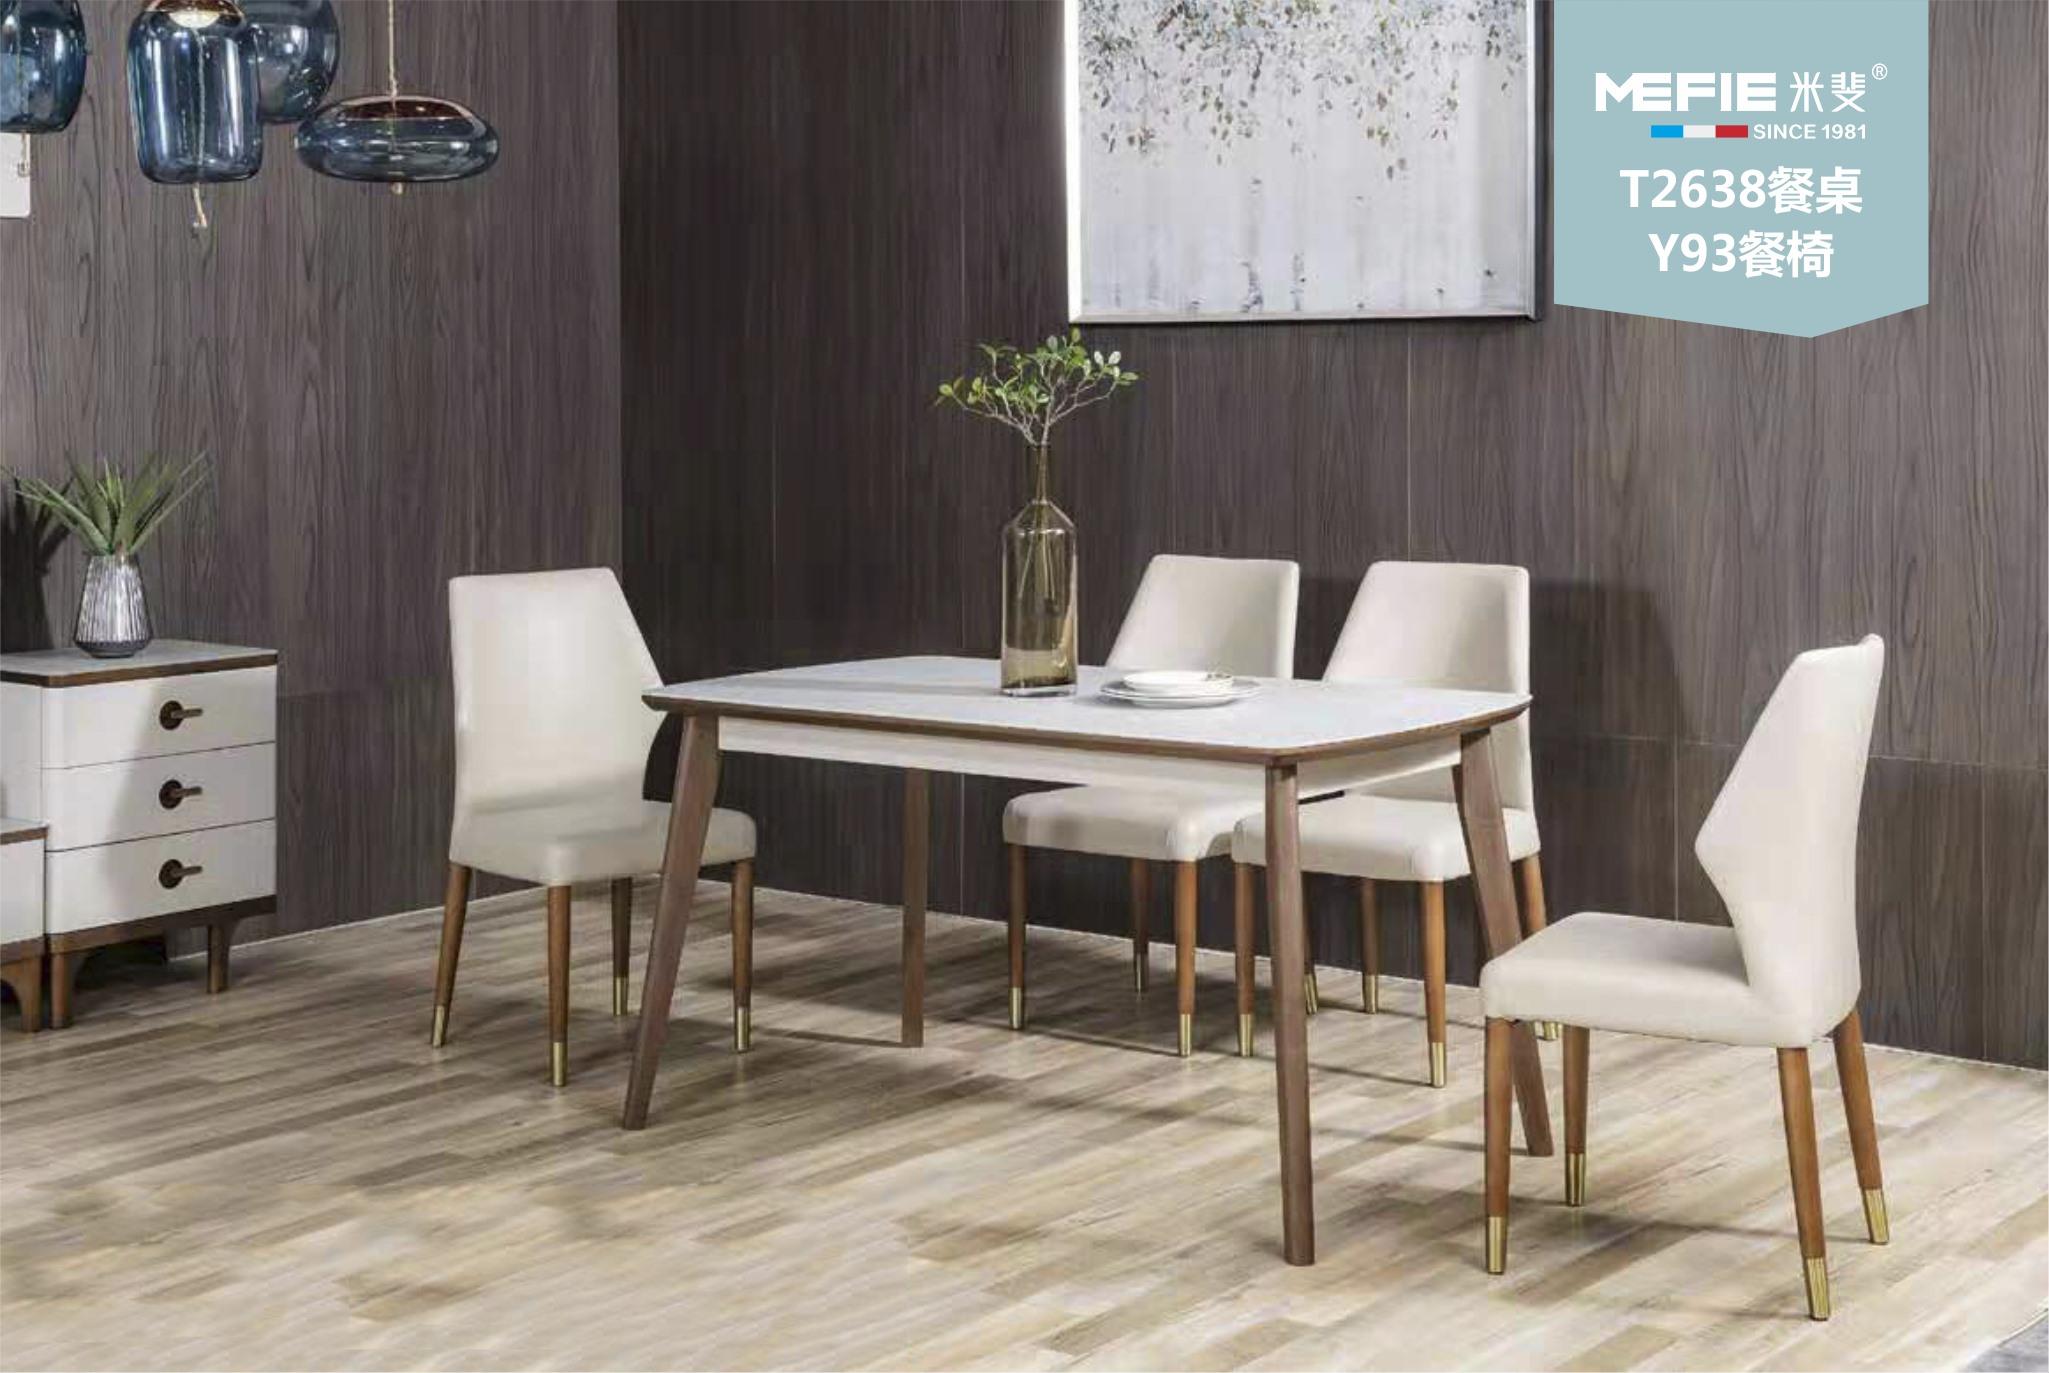 餐桌T2638+餐椅Y93